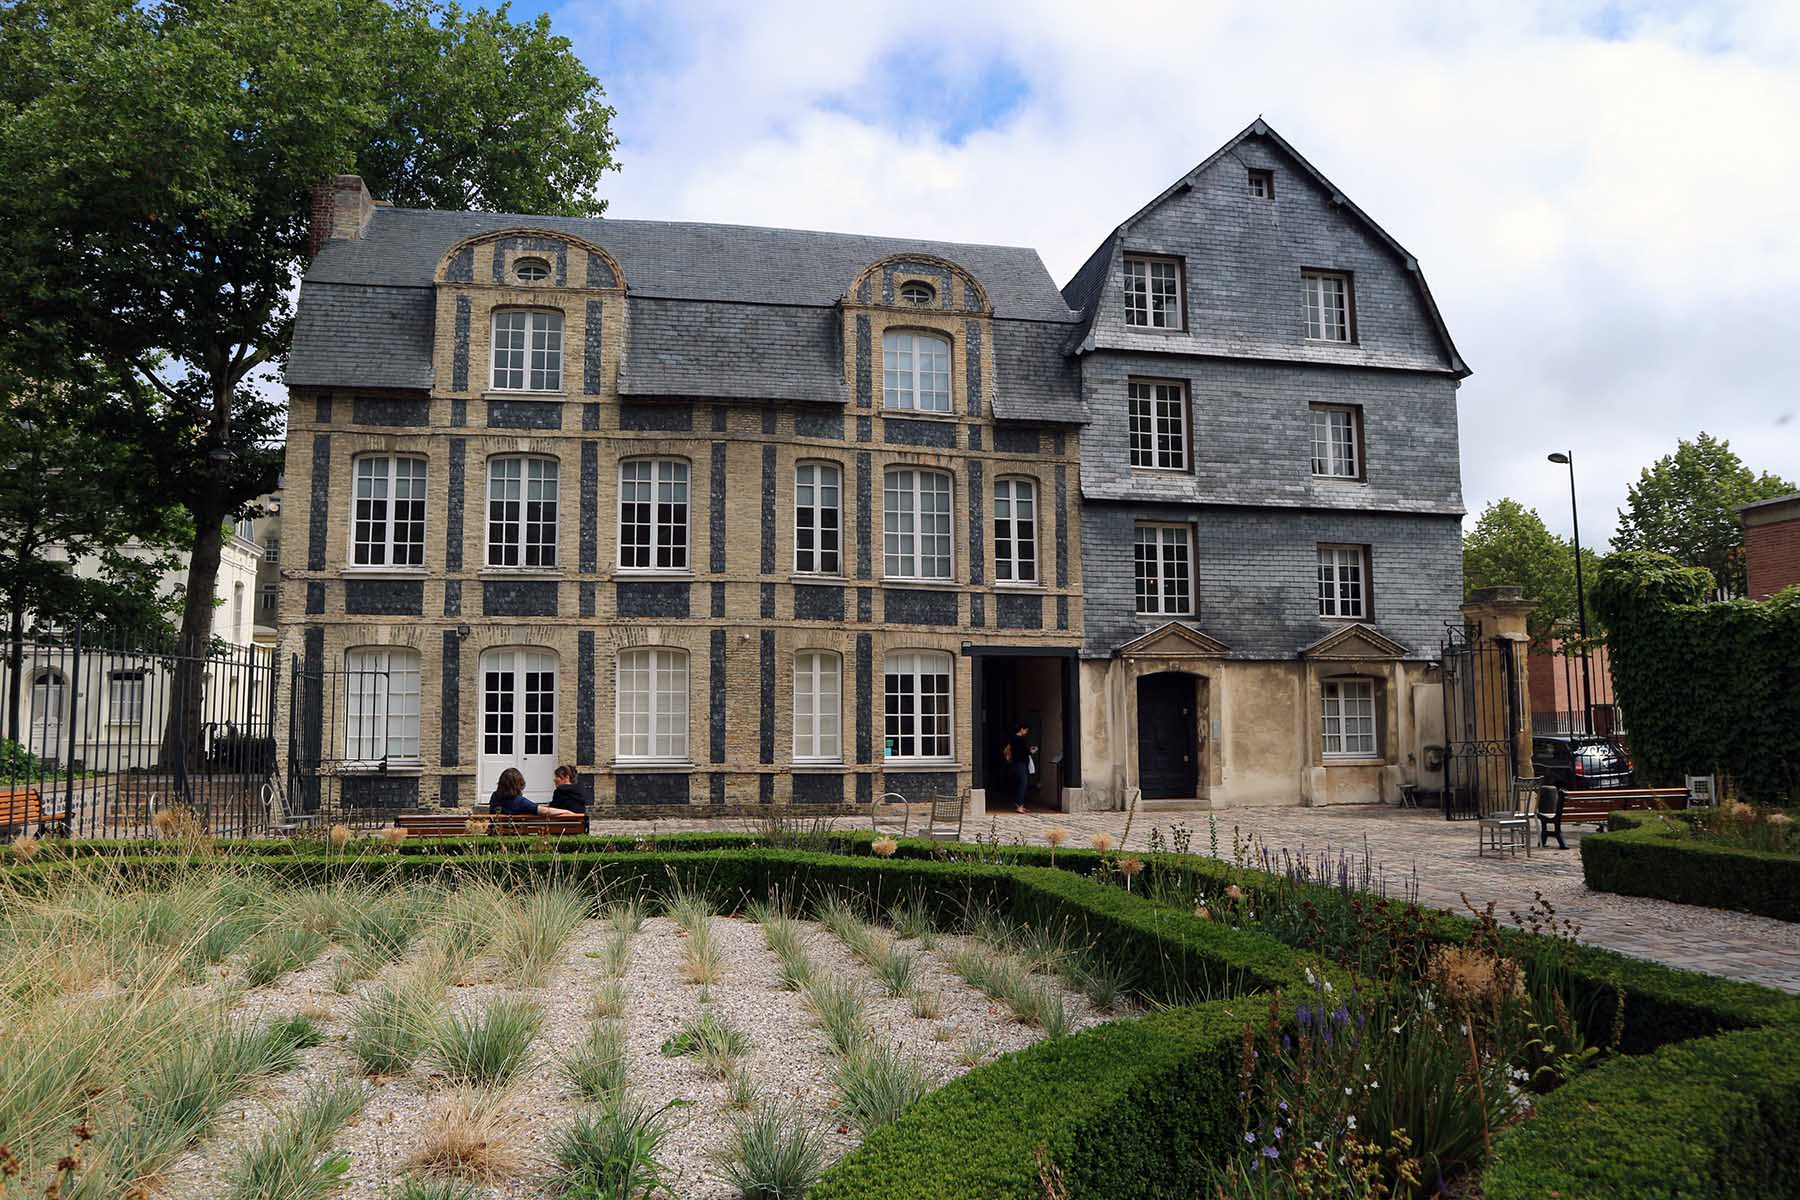 Parcours Les Bassins. ... wie das Museum Hôtel Dubocage de Bléville ...